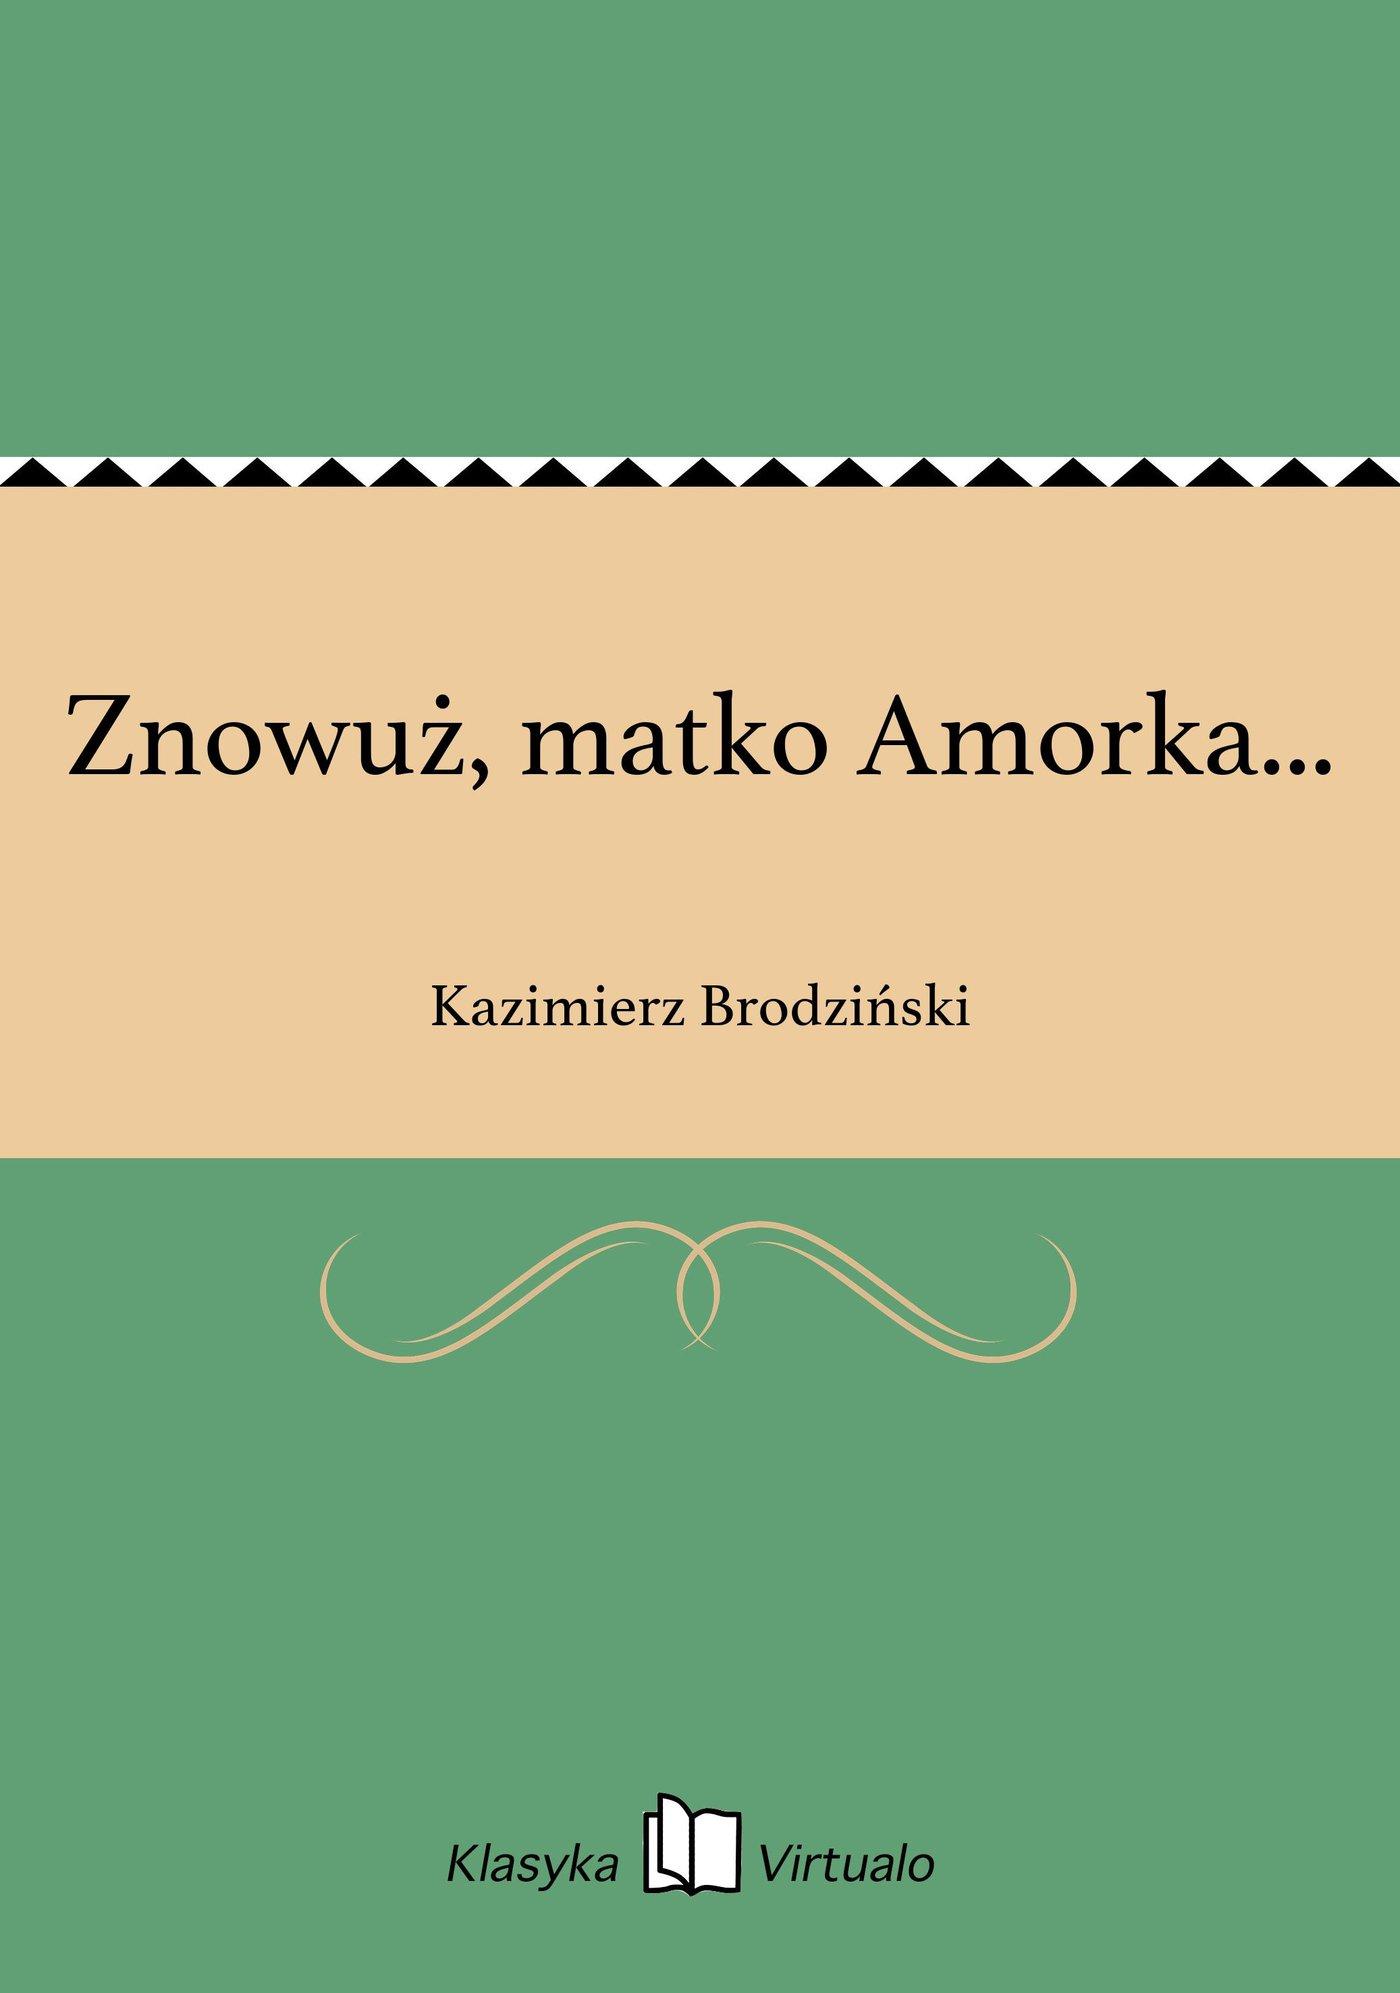 Znowuż, matko Amorka... - Ebook (Książka na Kindle) do pobrania w formacie MOBI